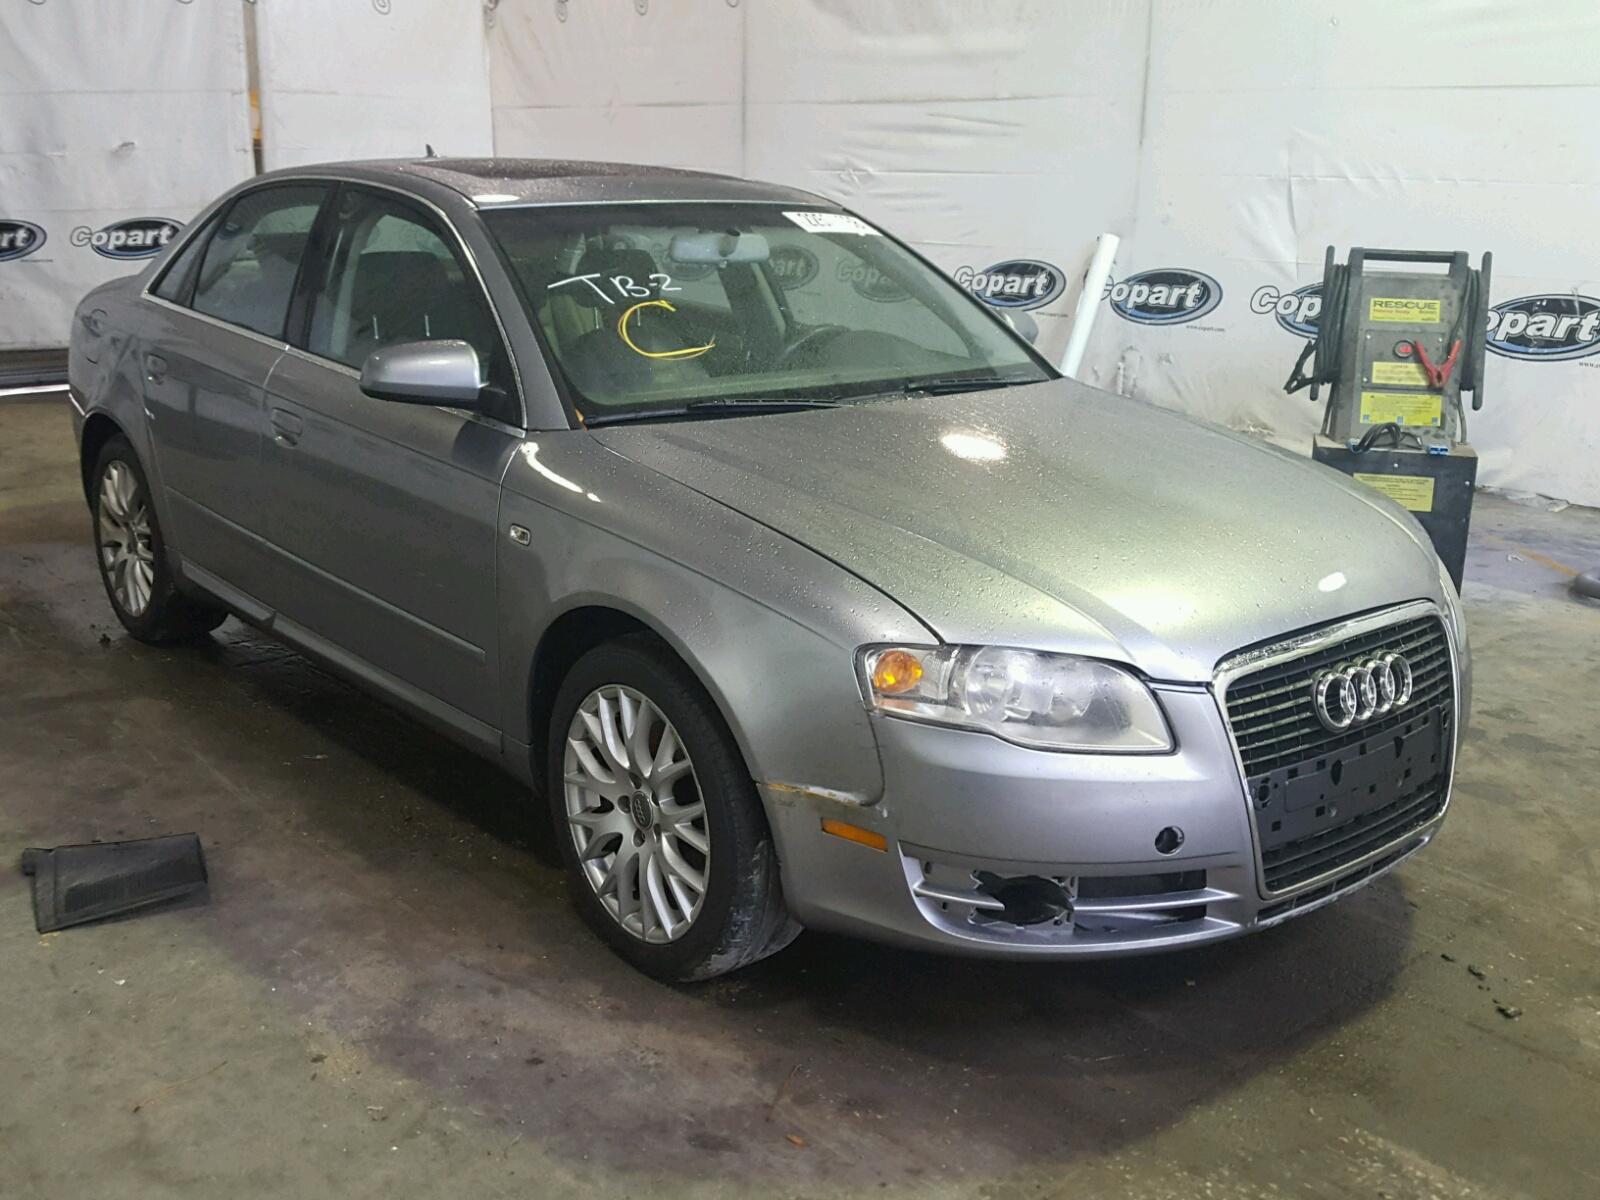 2008 AUDI A4 2.0T 2.0L